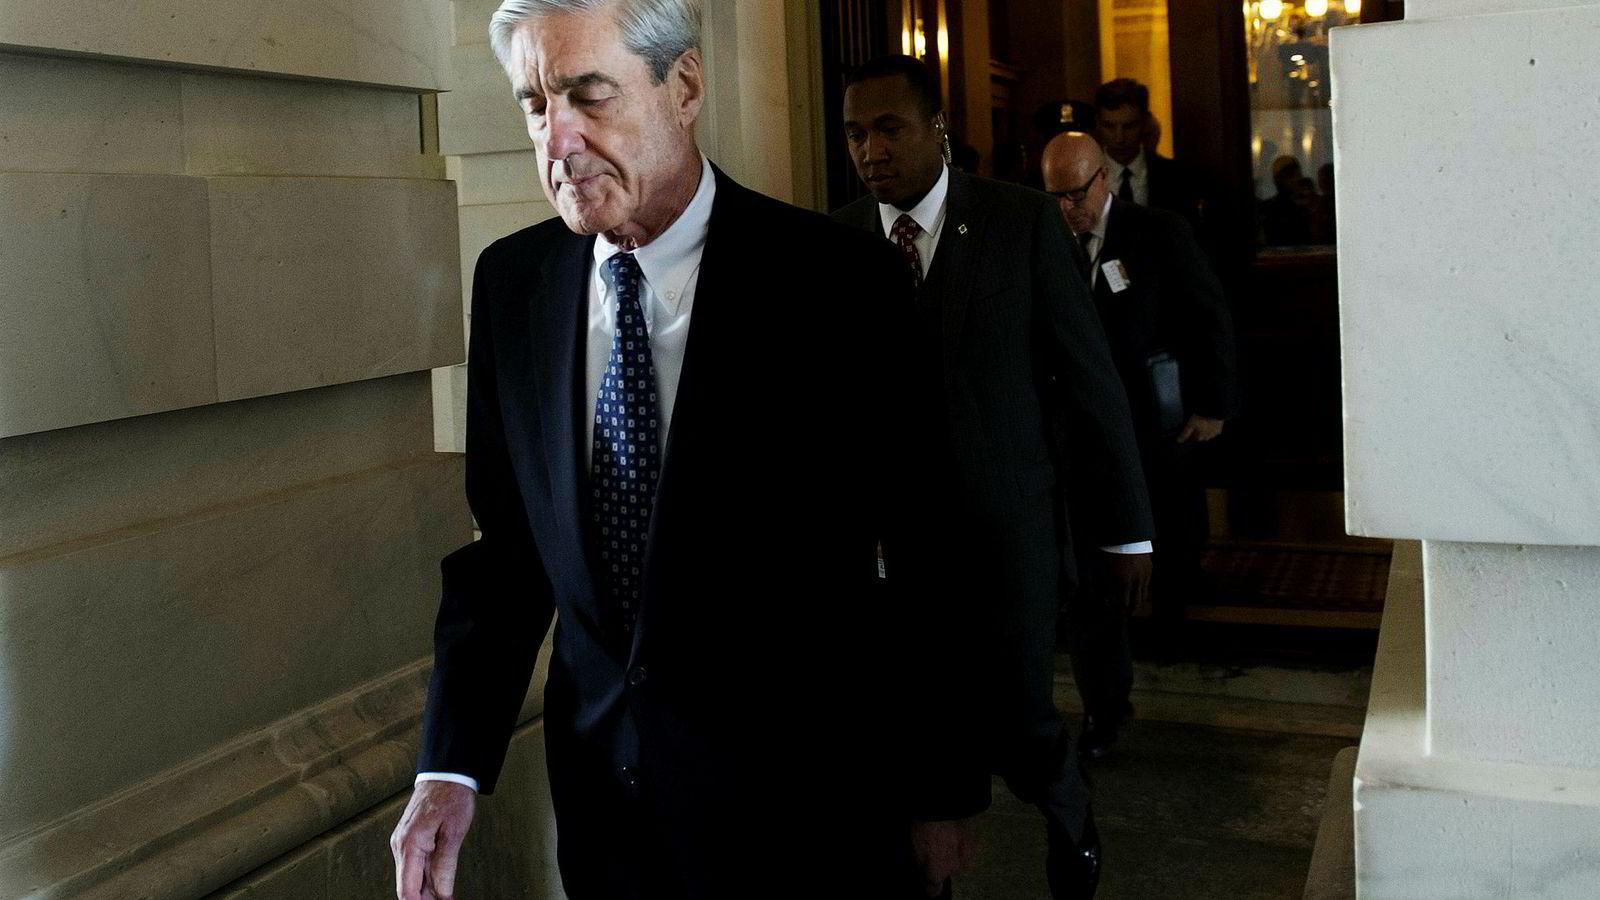 Spesialetterforsker Robert Mueller har i snart to år jobbet i det stille. Nå spørs det om resultatet av den nitide etterforskningen kommer frem i lyset. Her etter et lukket møte med Senatets lovkomité i juni 2017, som er en av Muellers siste opptredener i det offentlige.